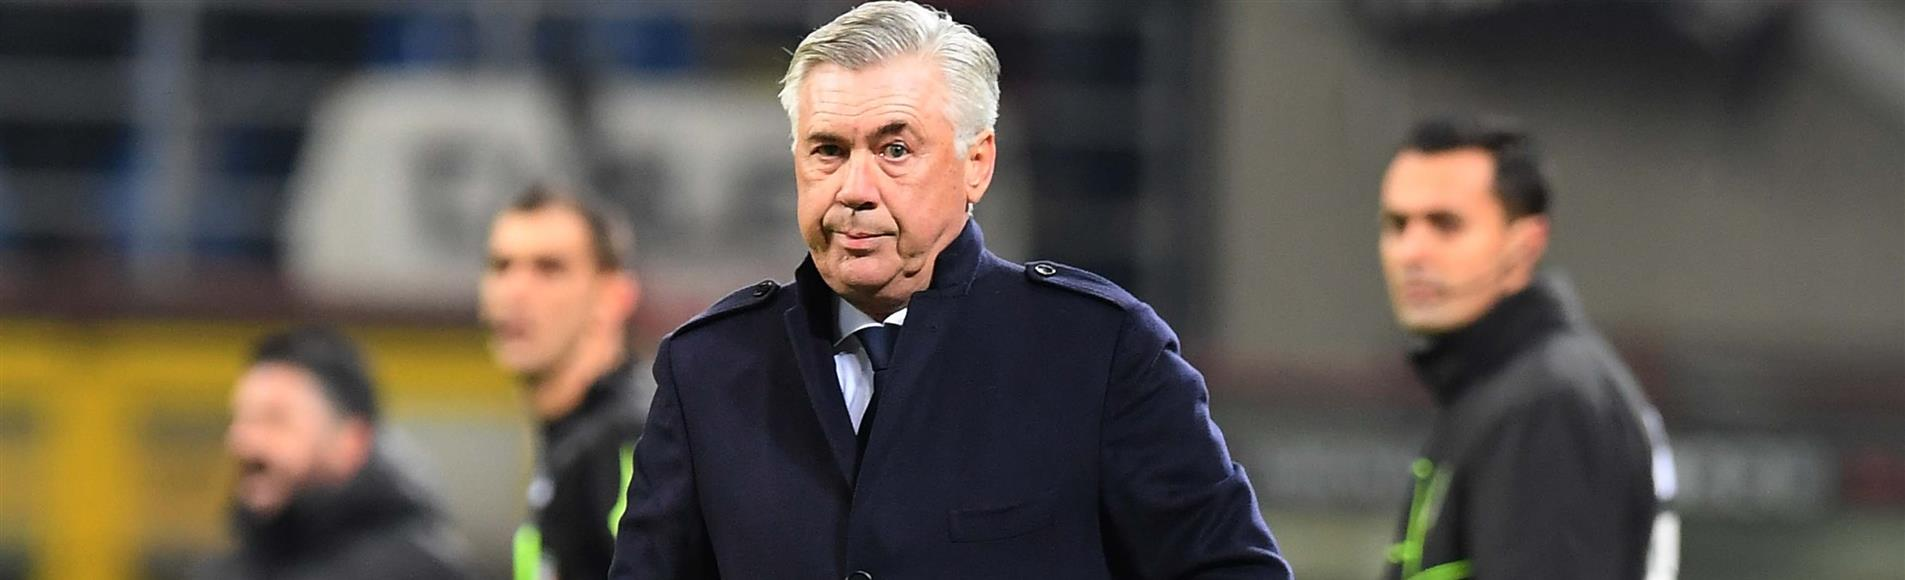 """Ancelotti: """"Abbiamo giocato una buona prima ora, ma non siamo riusciti a concretizzare"""""""